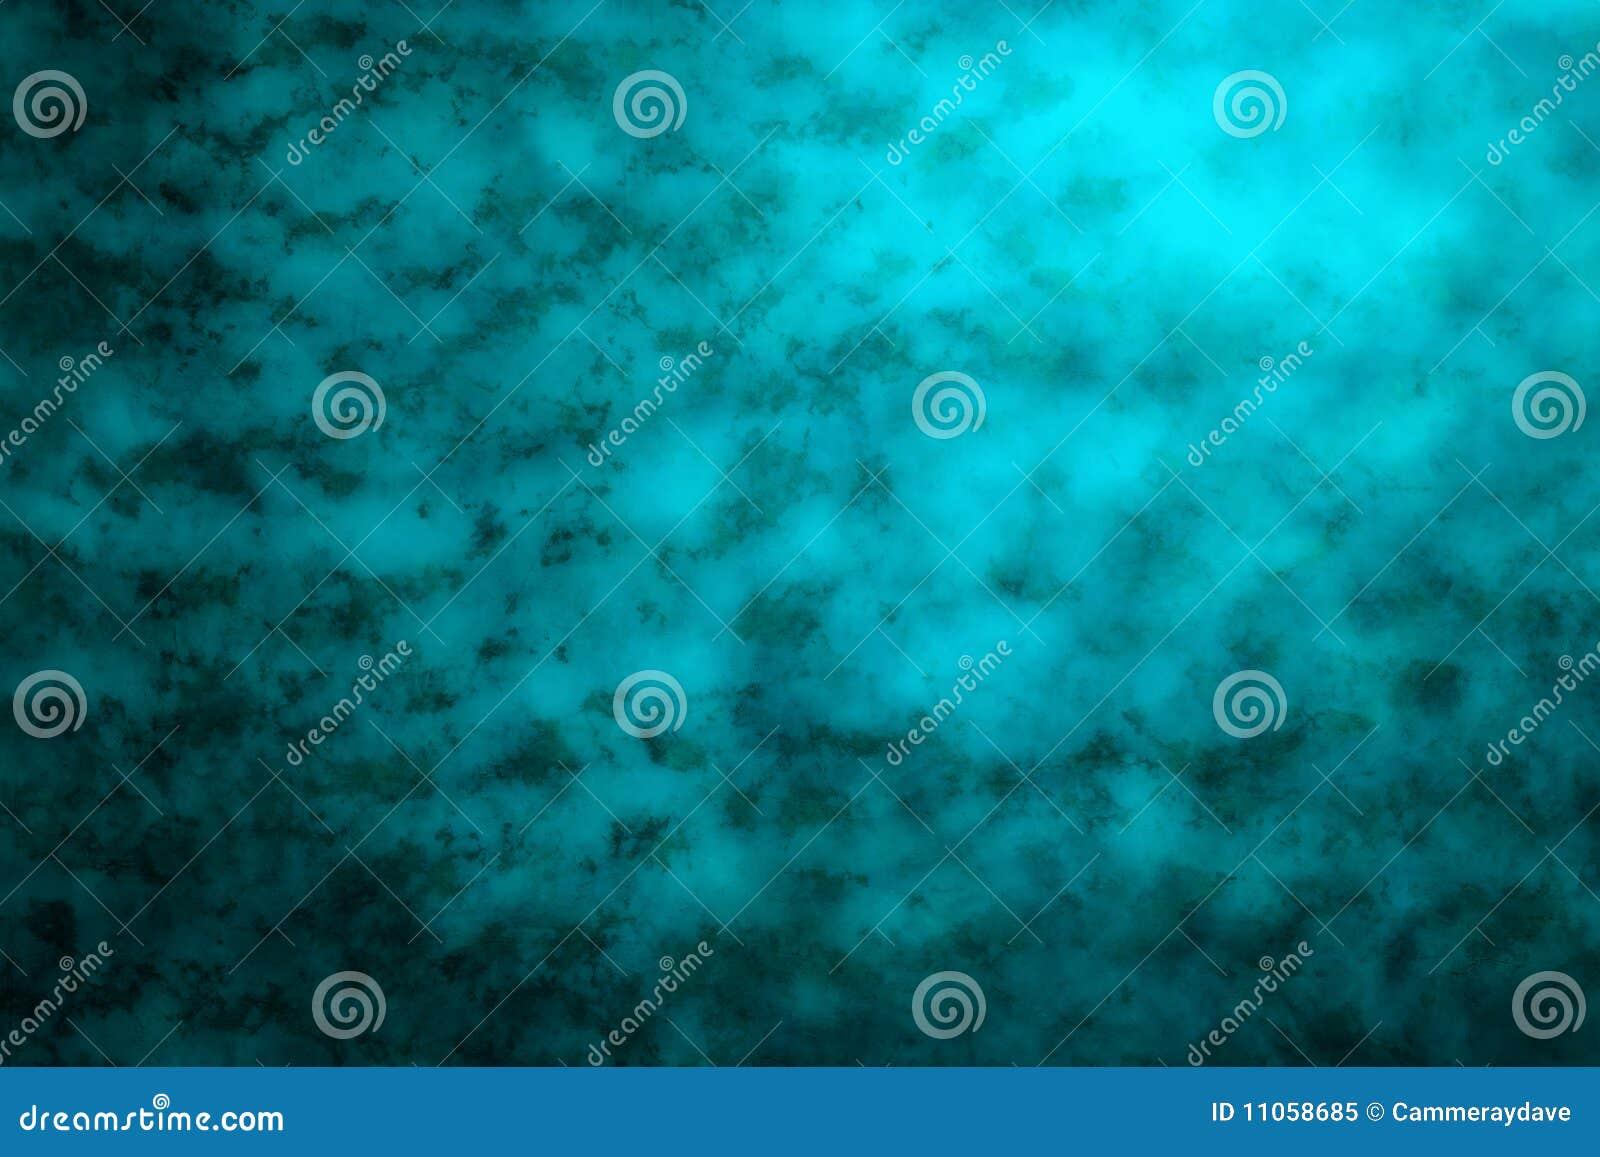 Fundo abstrato de turquesa